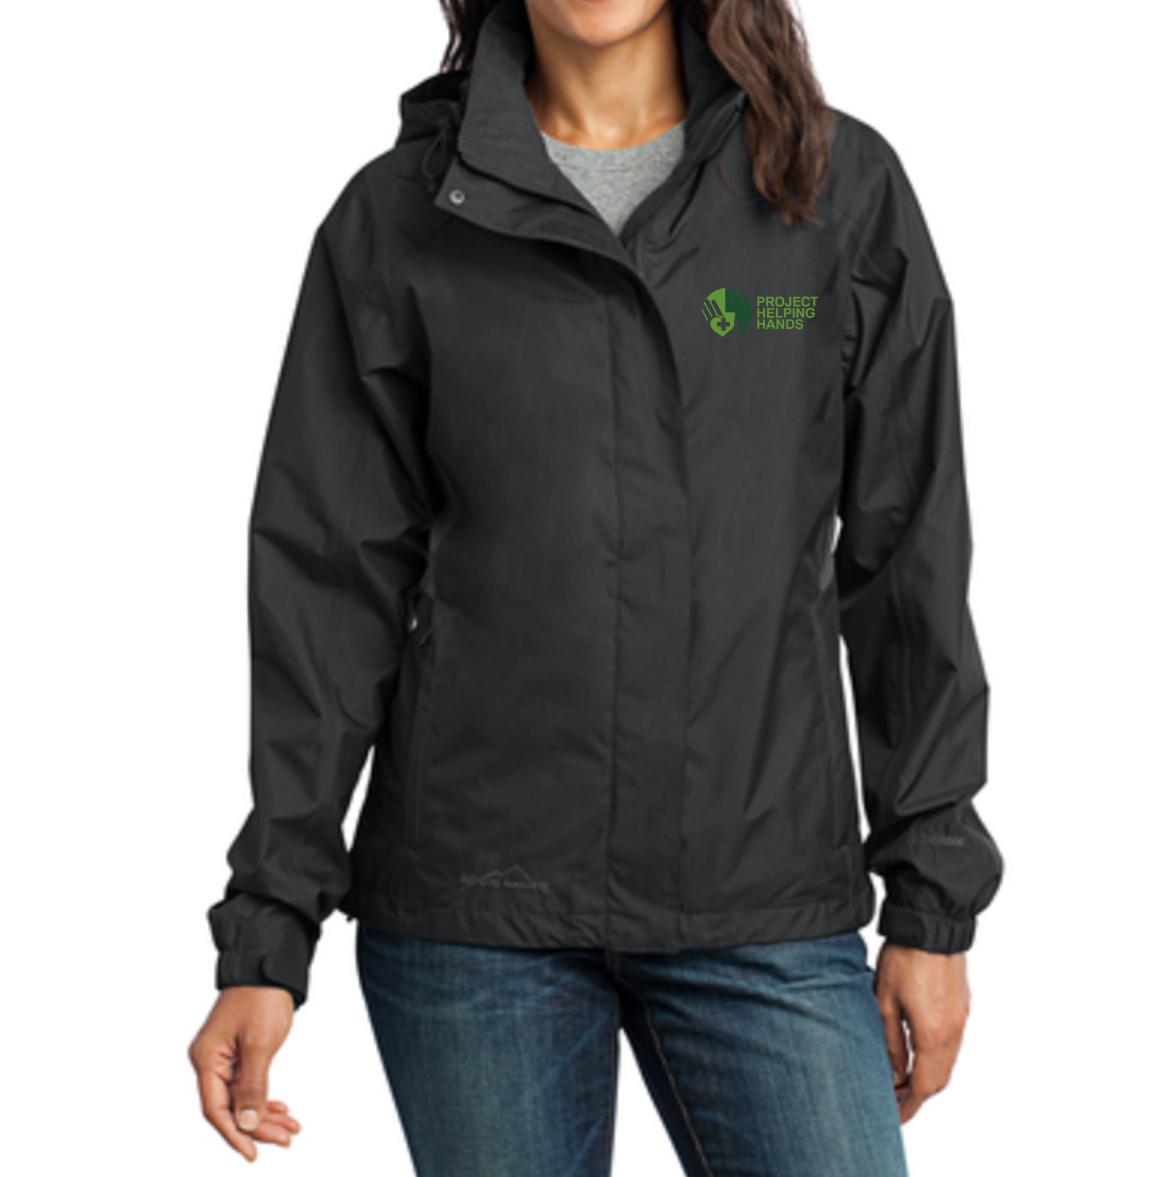 Women's Eddie Bauer Rain Jacket